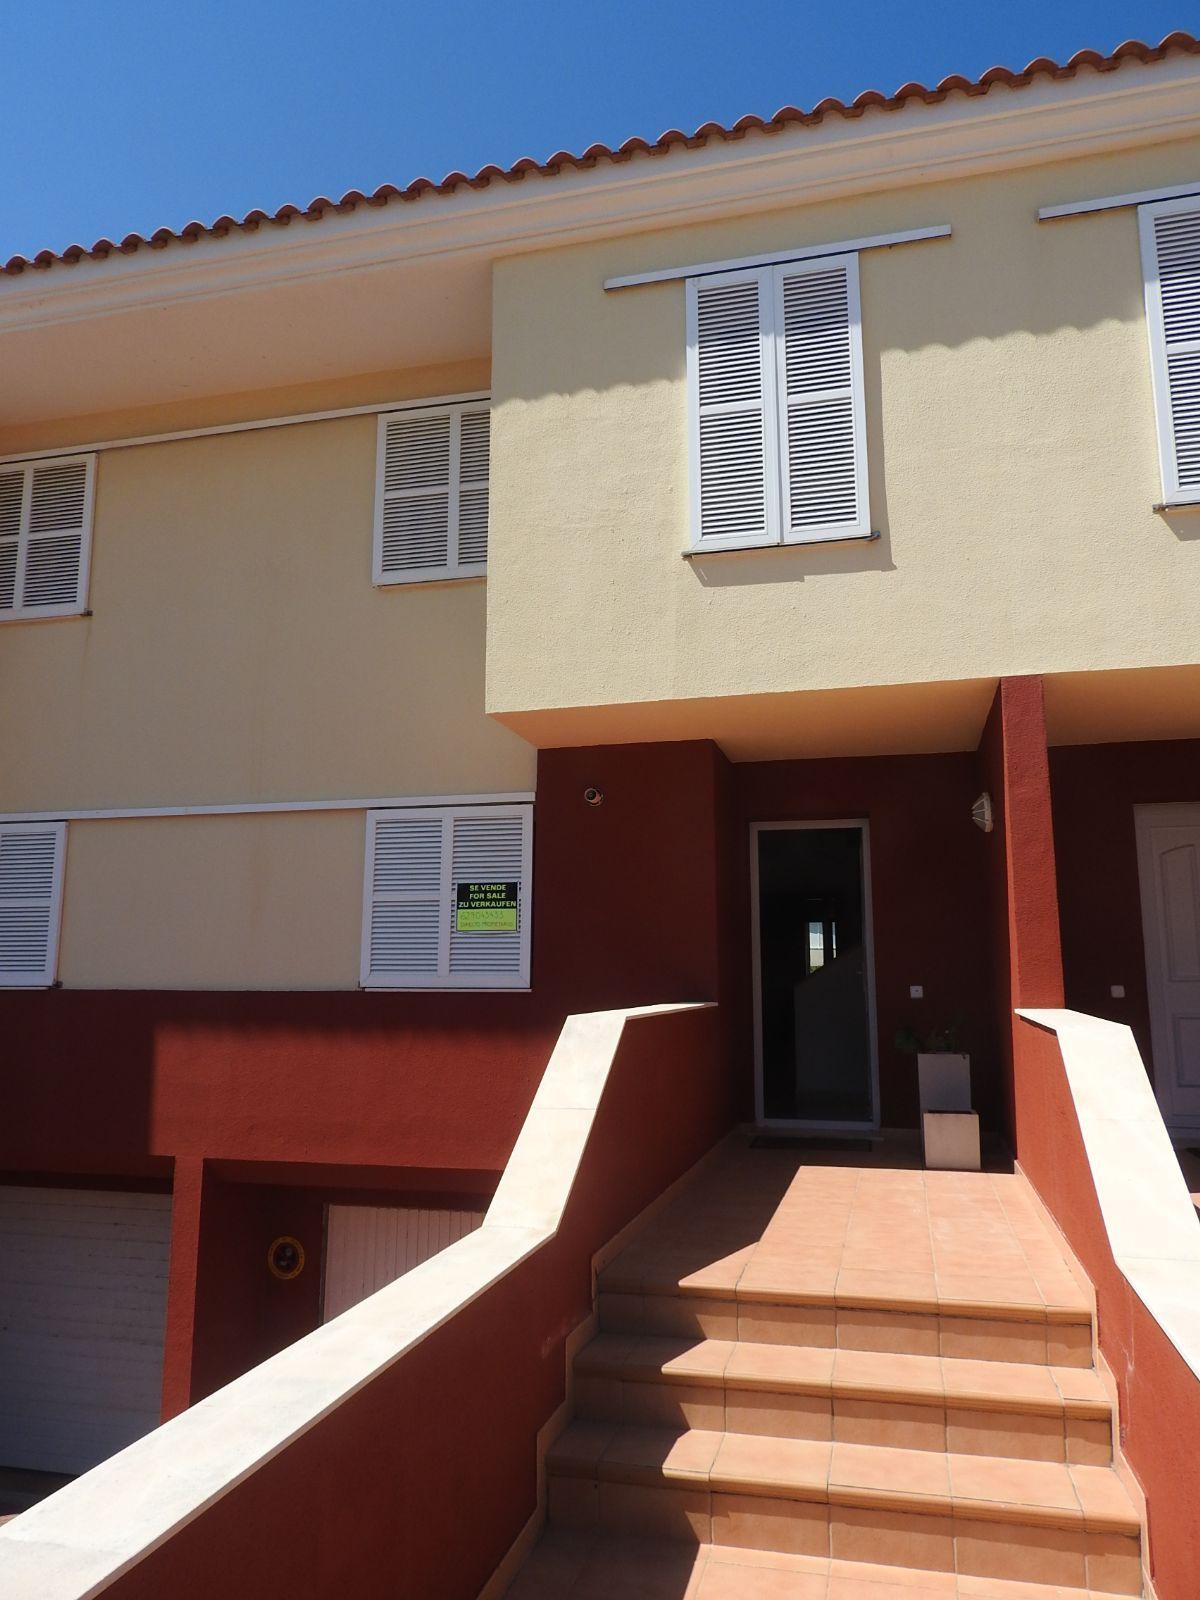 Casa en venta en Mahón, Baleares, Calle Pampa, 390.000 €, 4 habitaciones, 2 baños, 276 m2